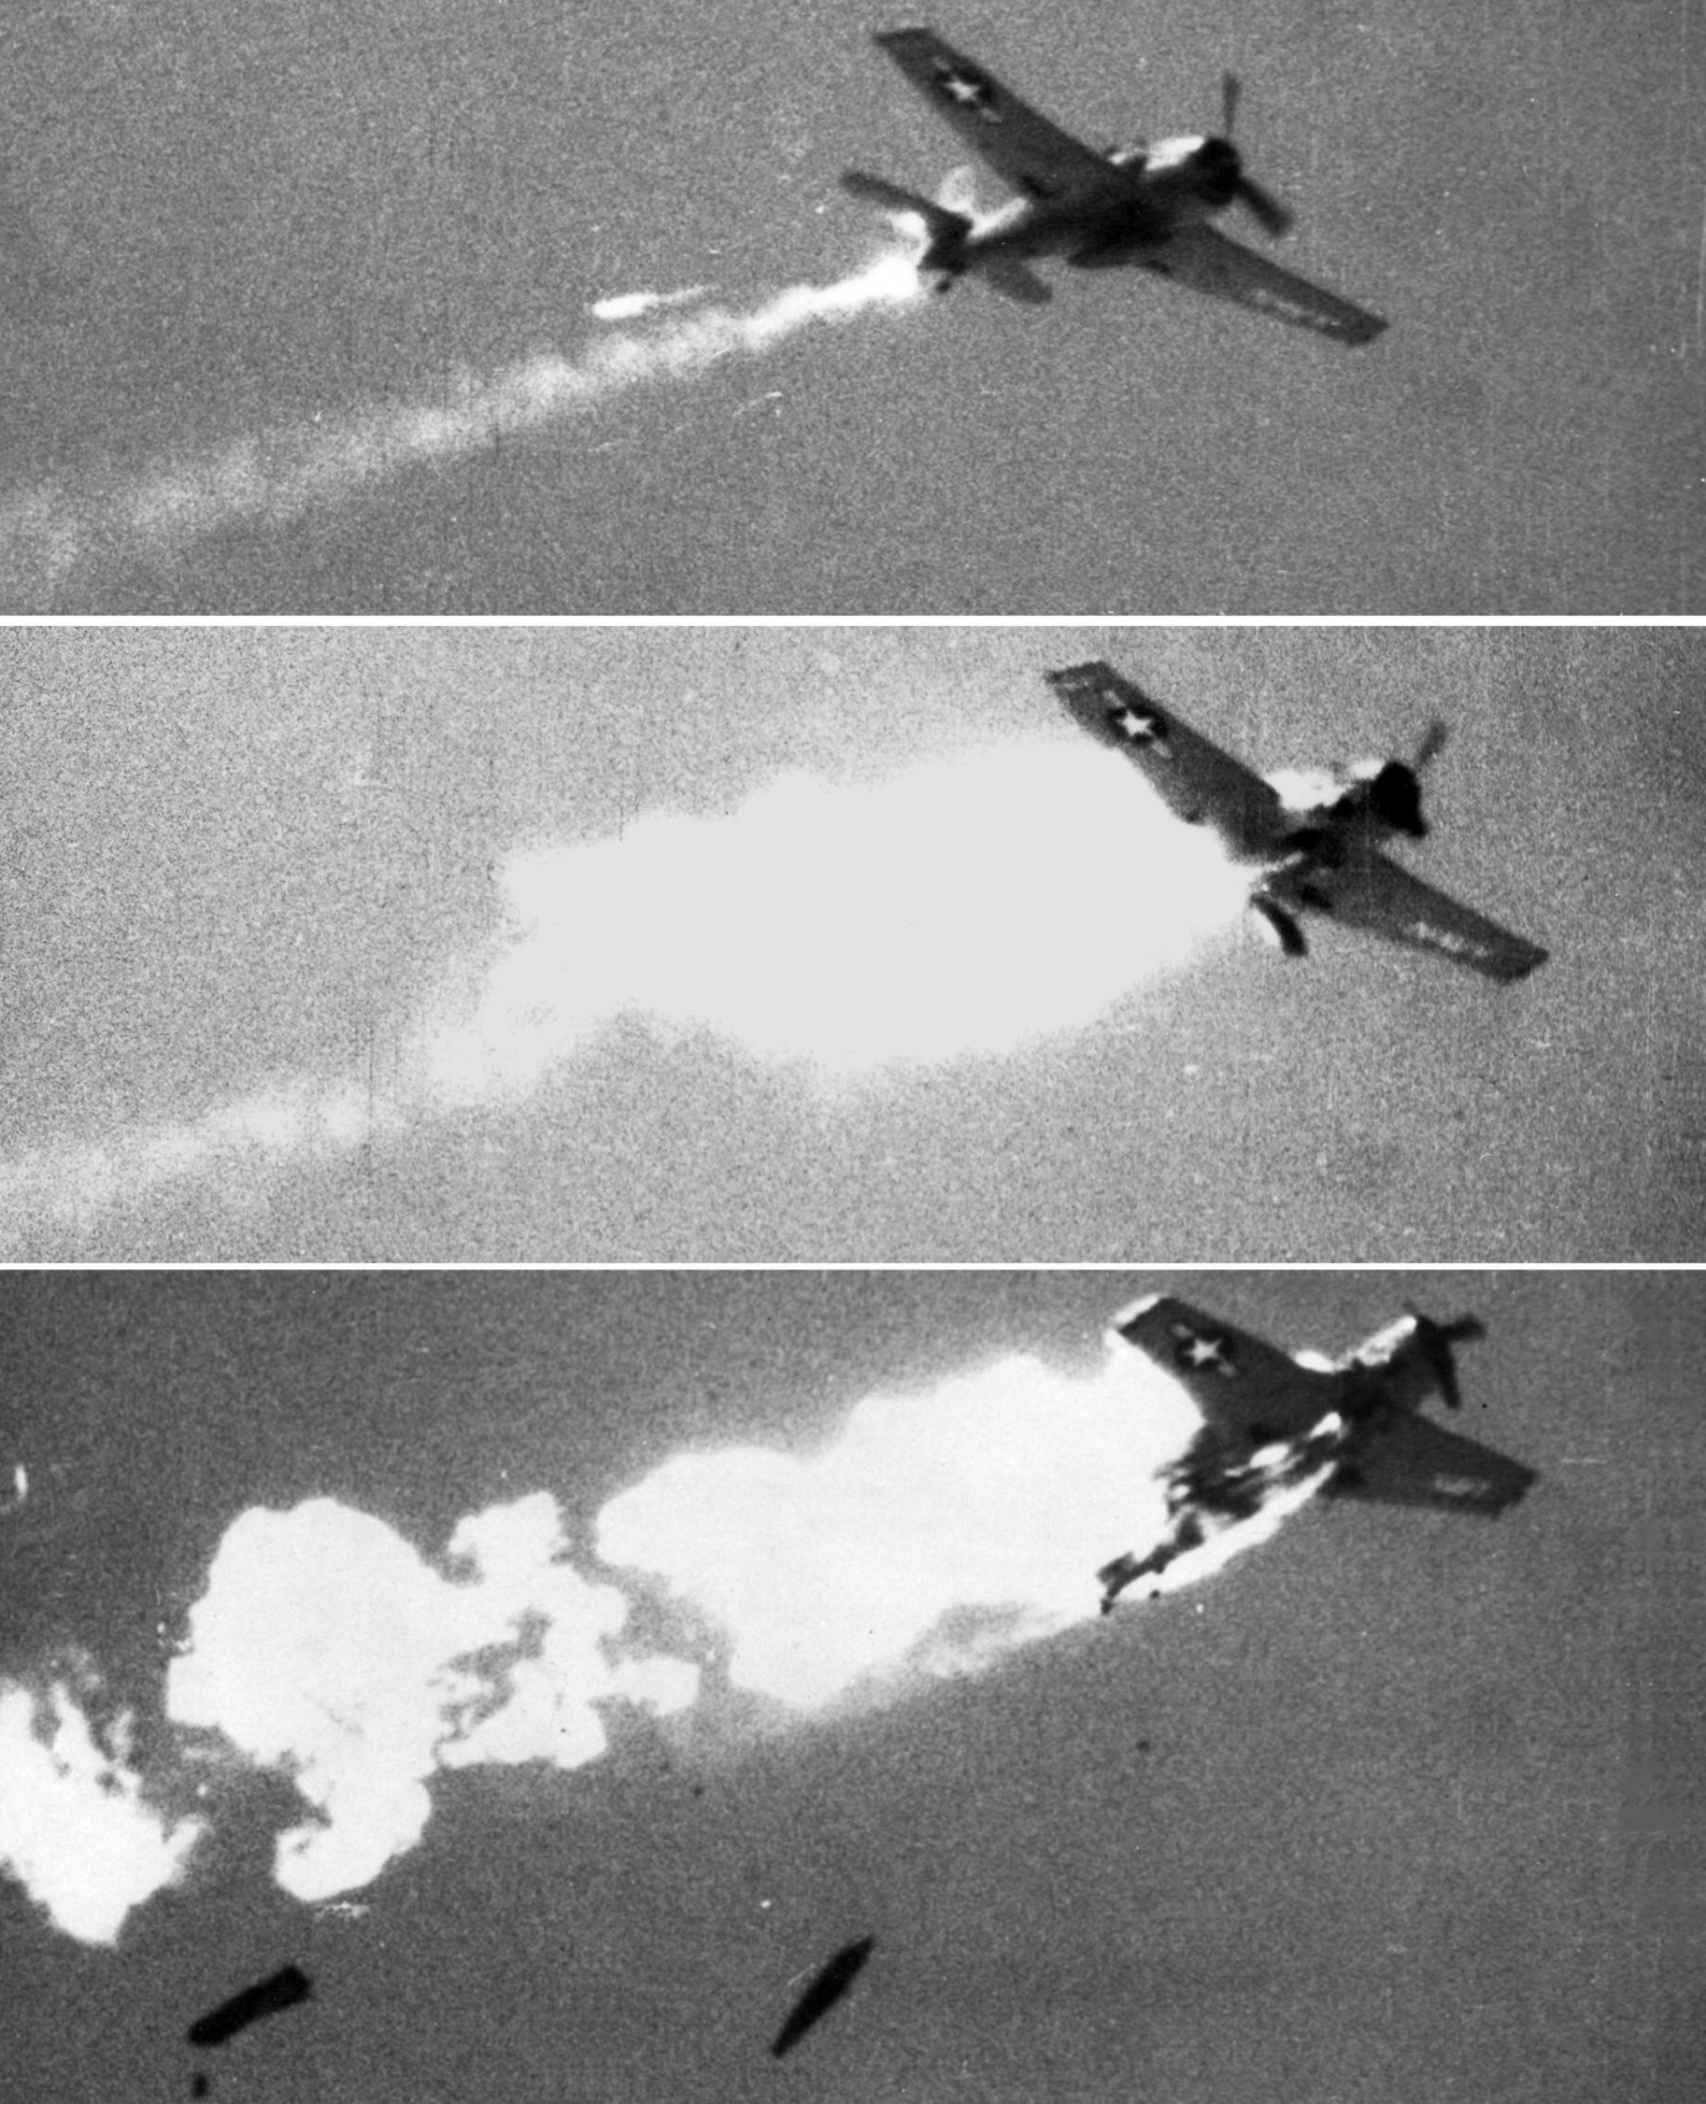 Un misil Sidewinder en acción durante unas pruebas.